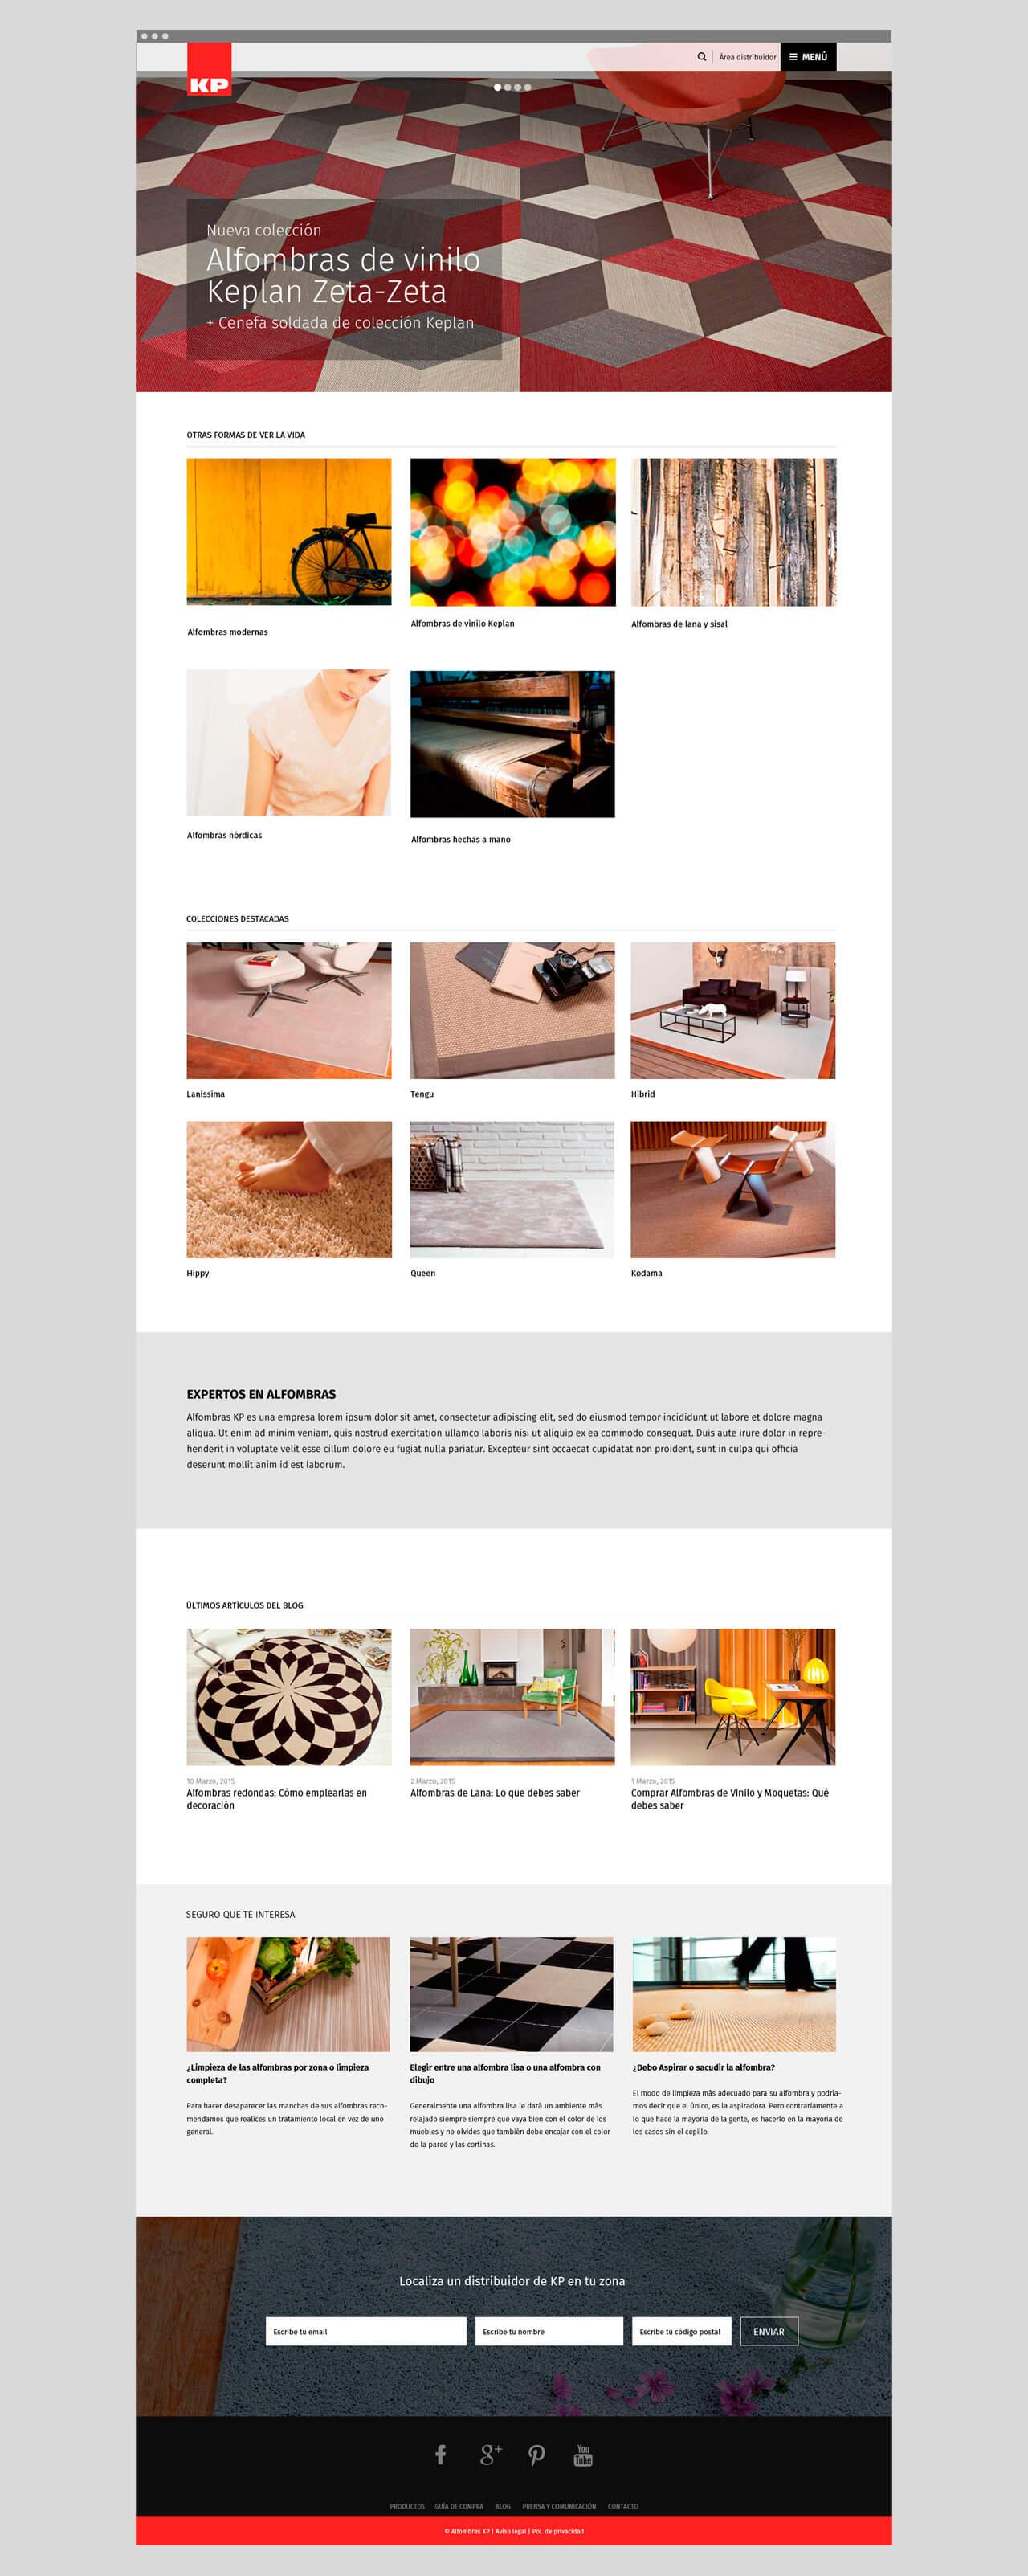 alfombras kp alfombras y moquetas a medida pantallazo de la portada de